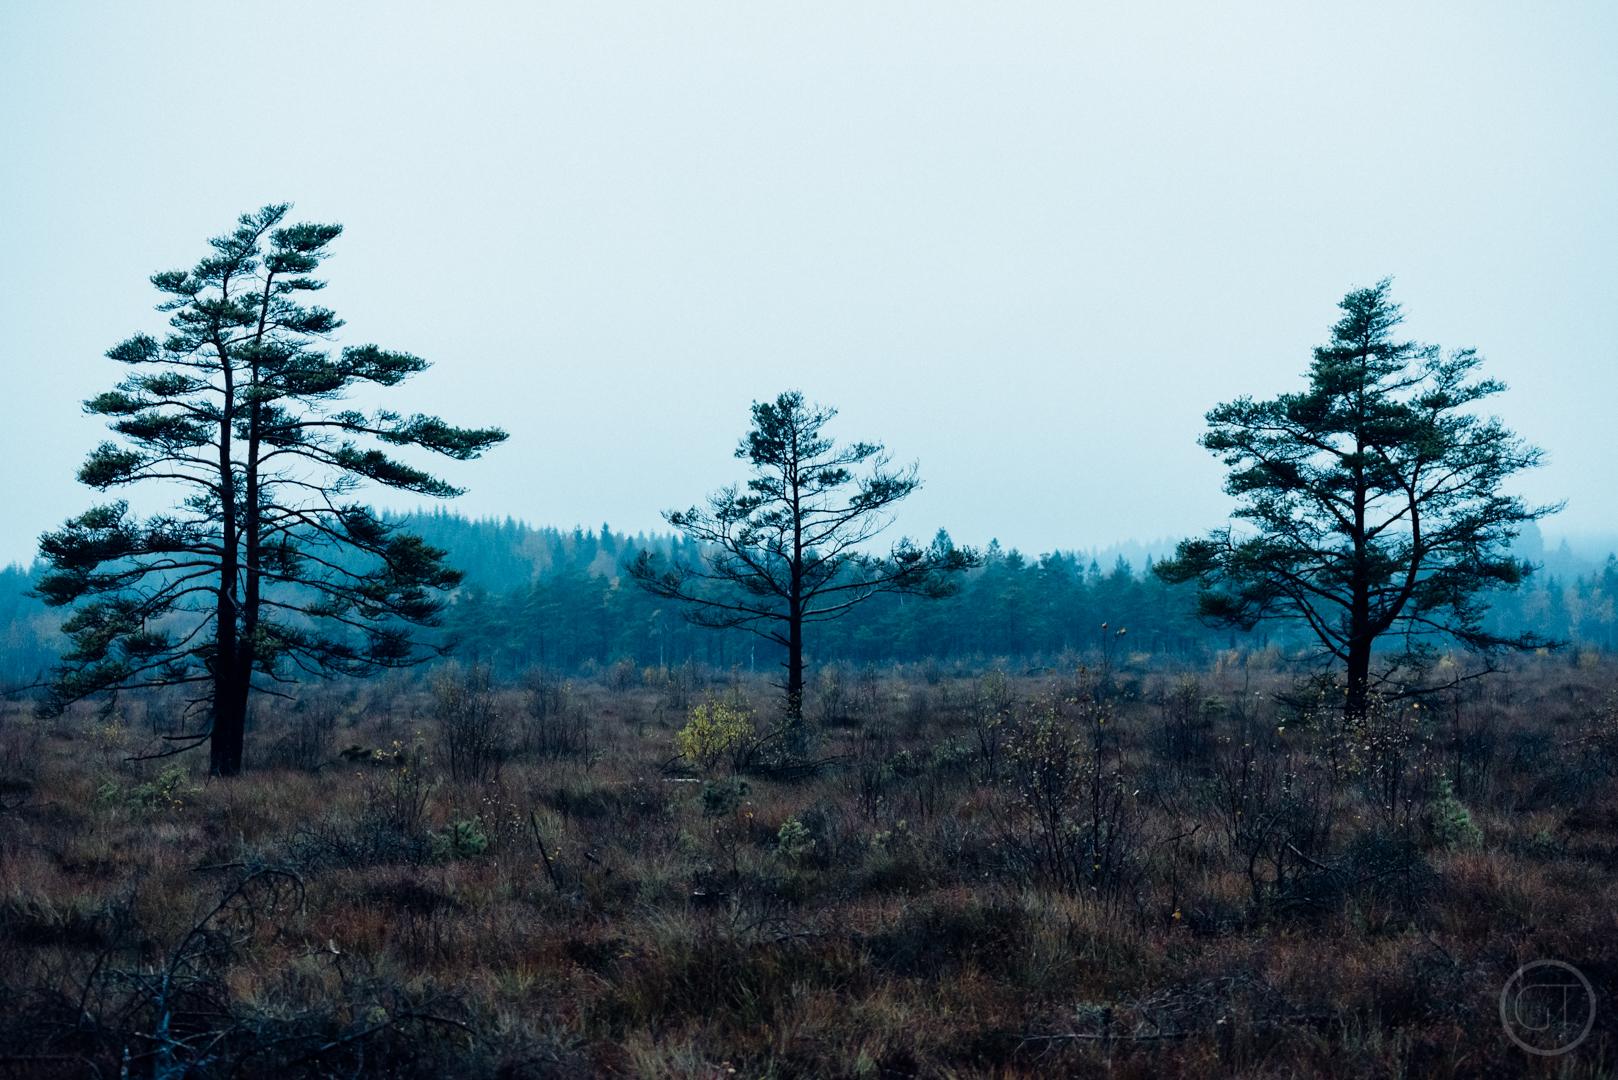 GUSTAV-THUESEN-adventure-denmark-photographer-nature-landscape-KØBENHAVN-FOTOGRAF-lifestyle-4.jpg